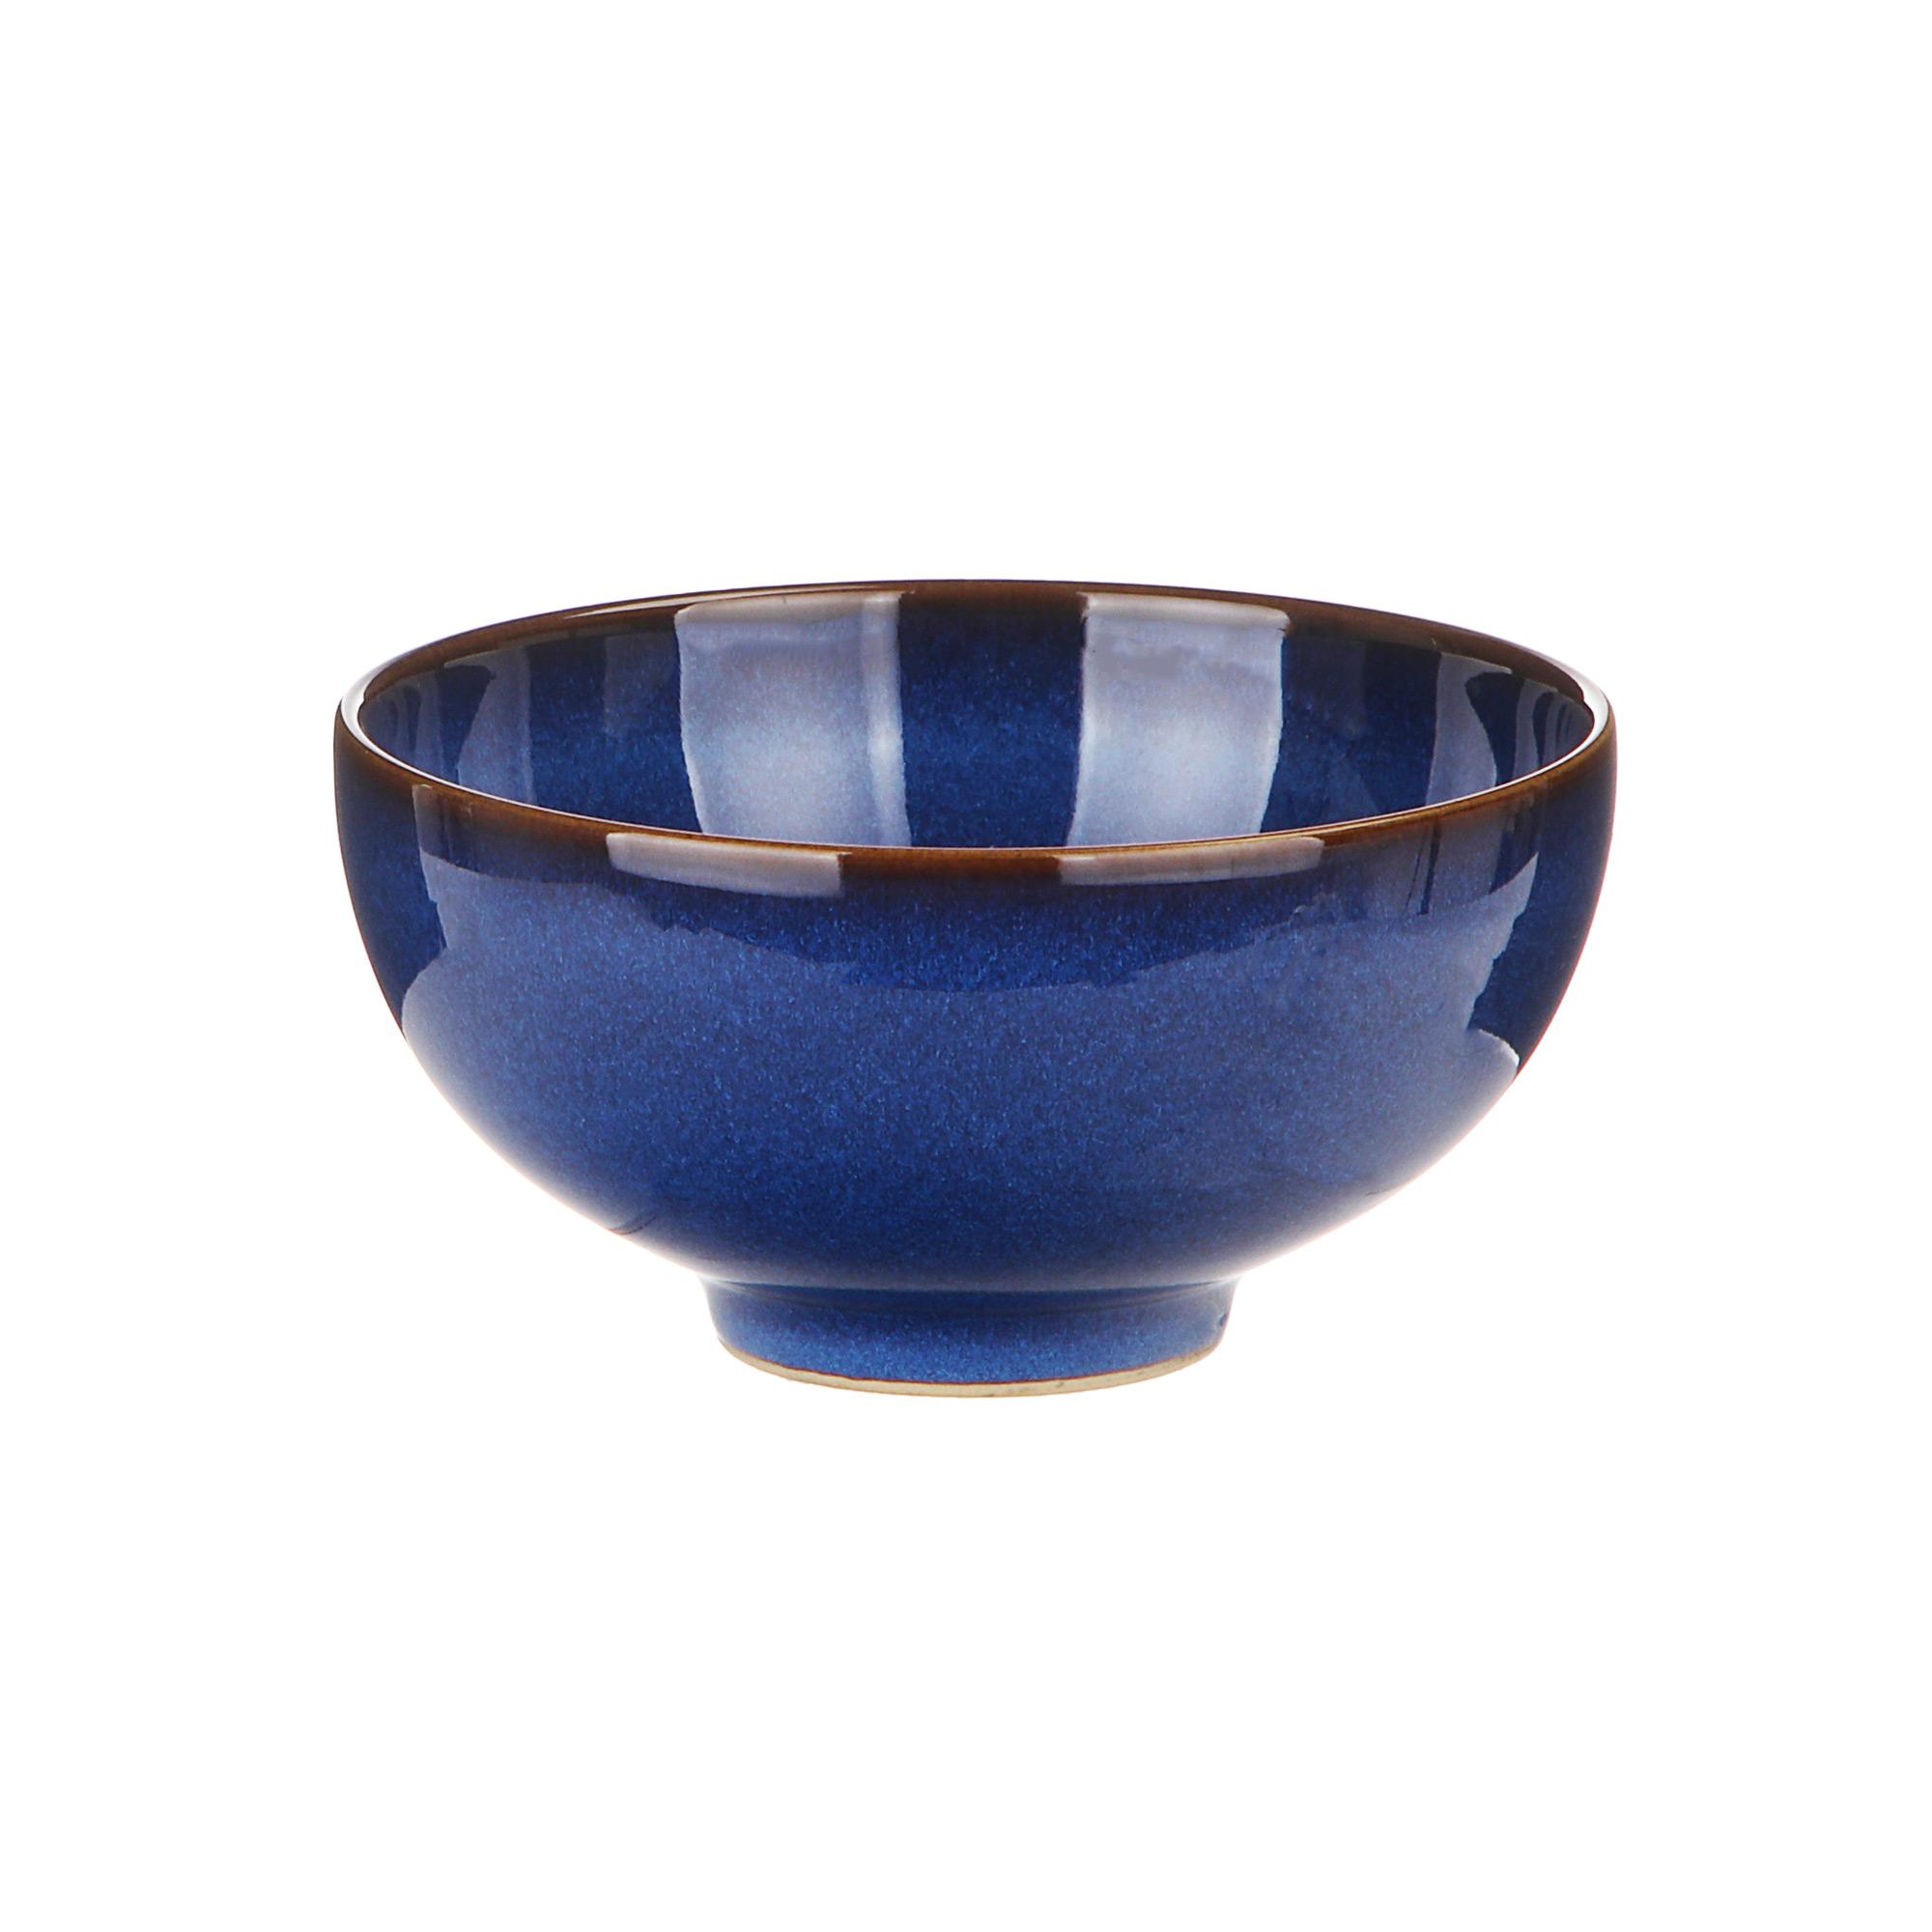 Фото - Чаша для риса Denby Imperial Blue 12,5 см чаша для риса denby studio craft 13 см